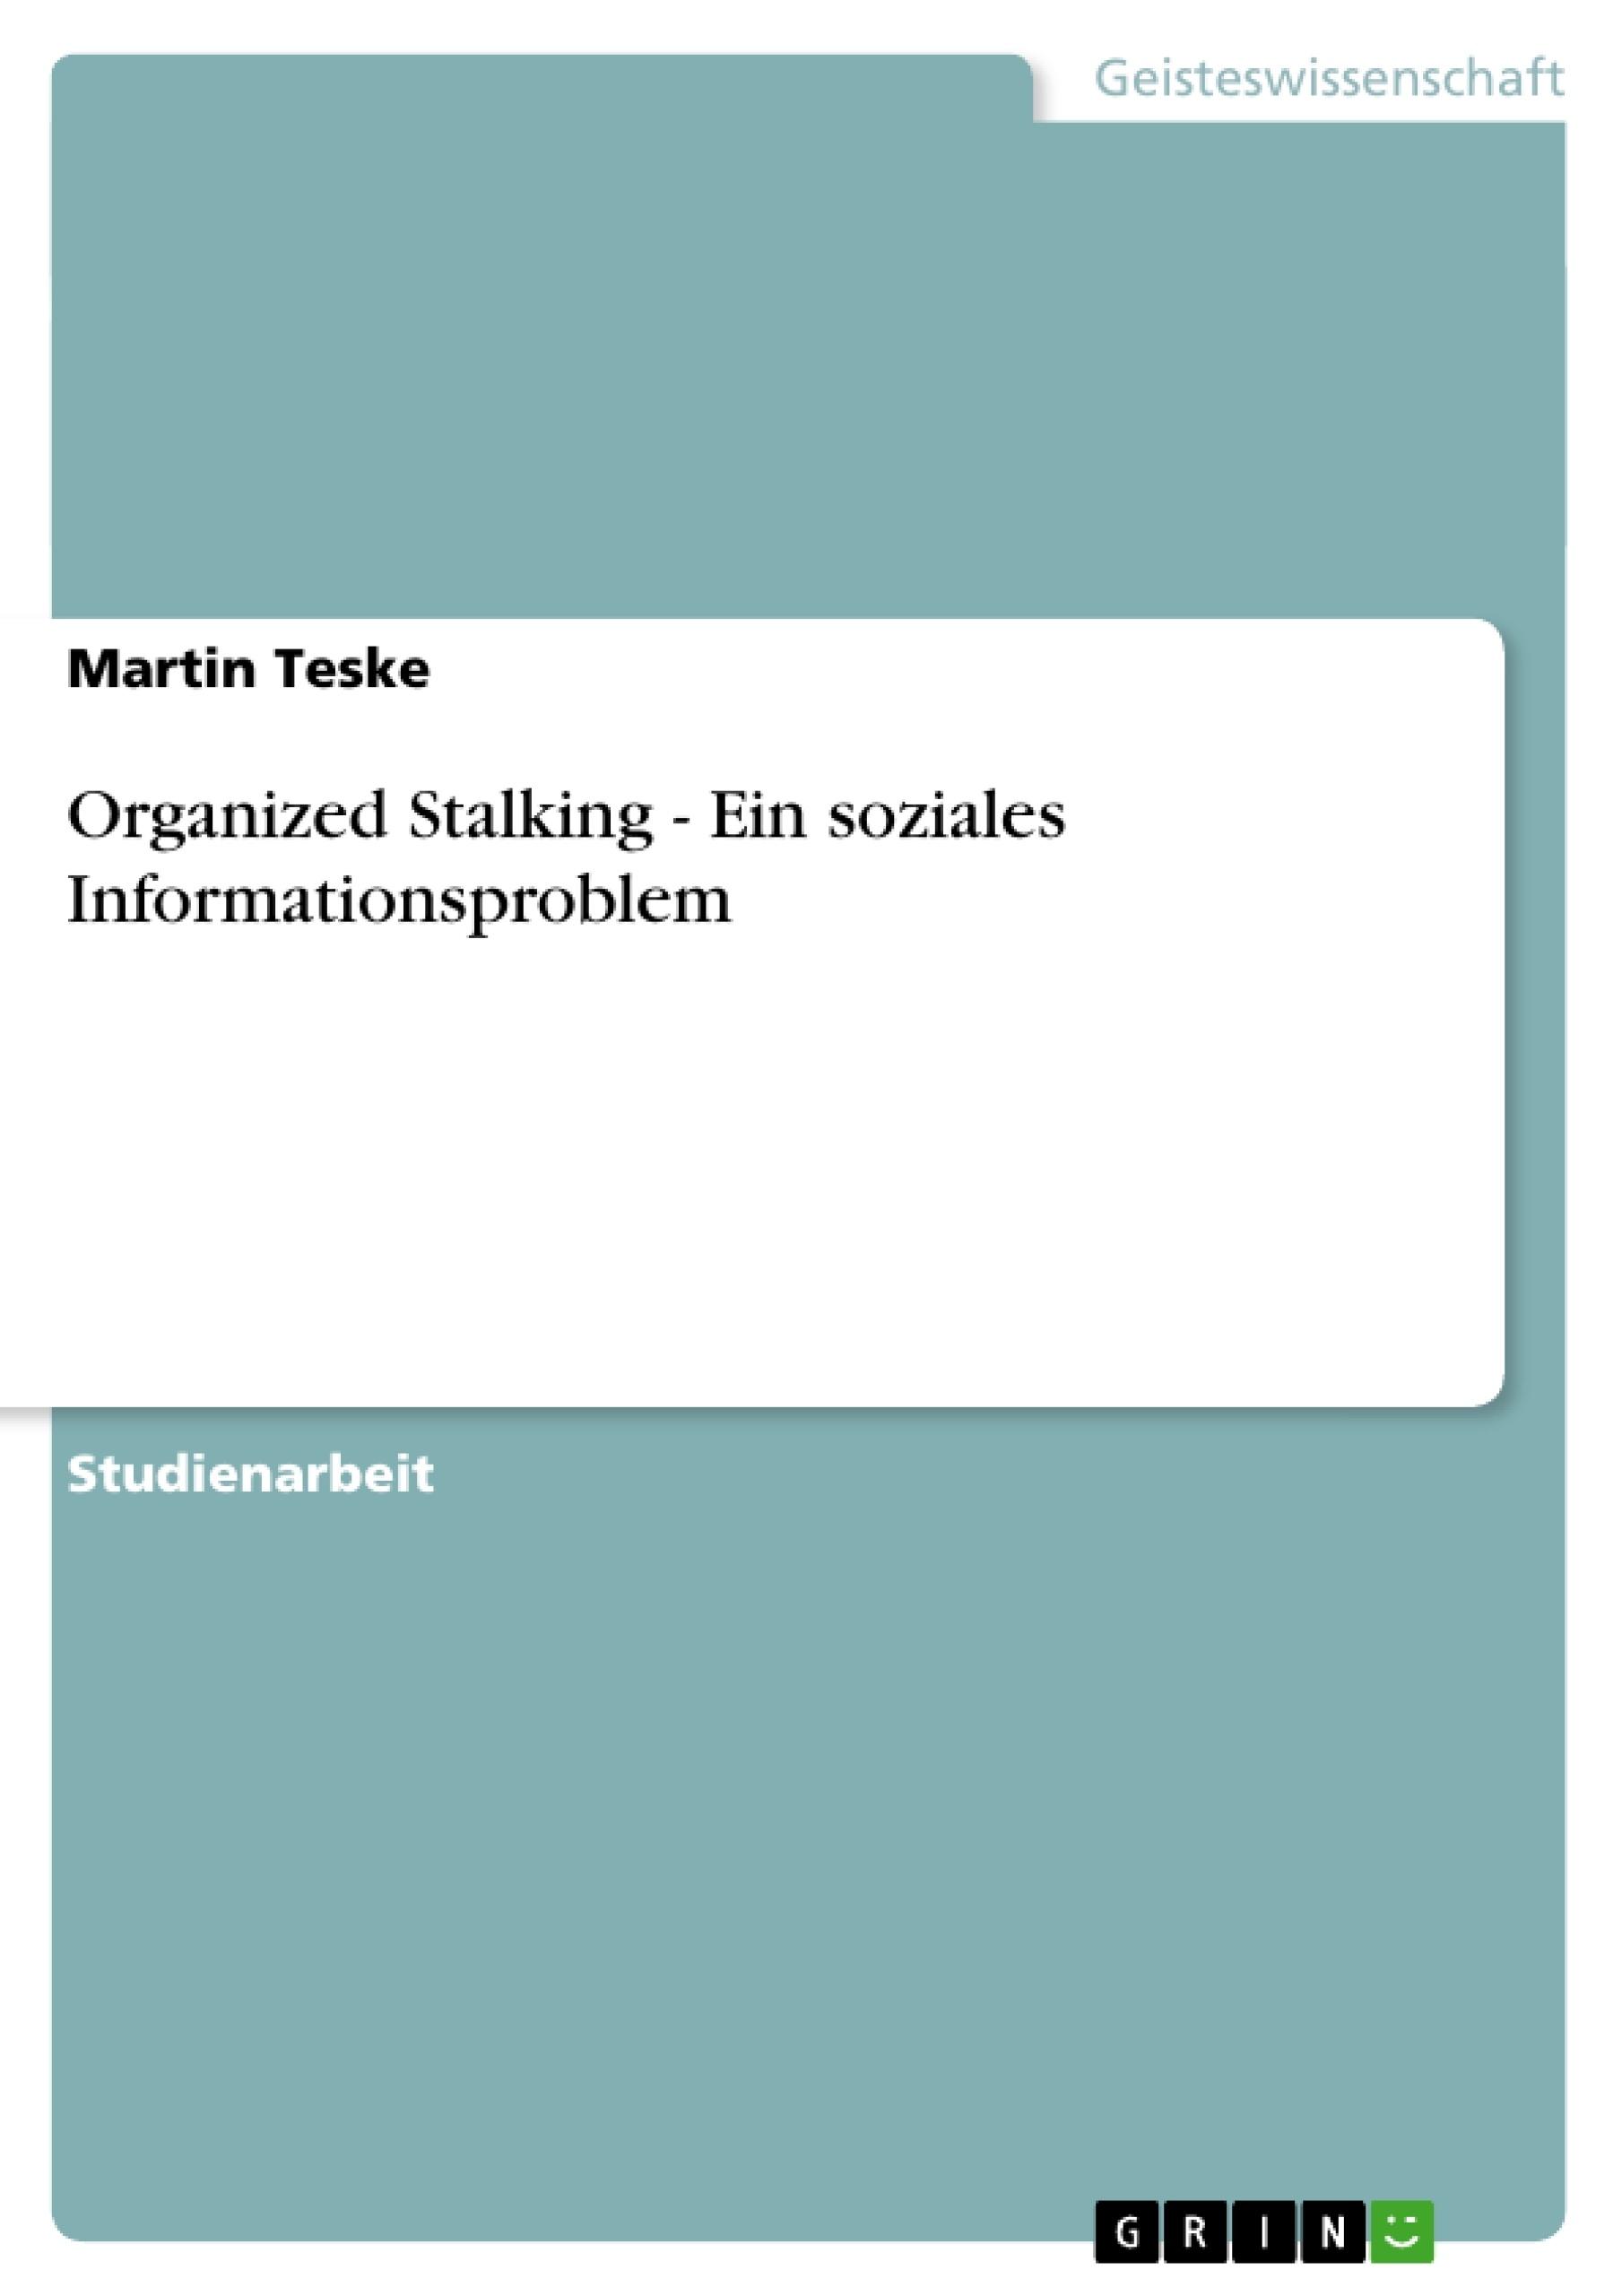 Titel: Organized Stalking - Ein soziales Informationsproblem